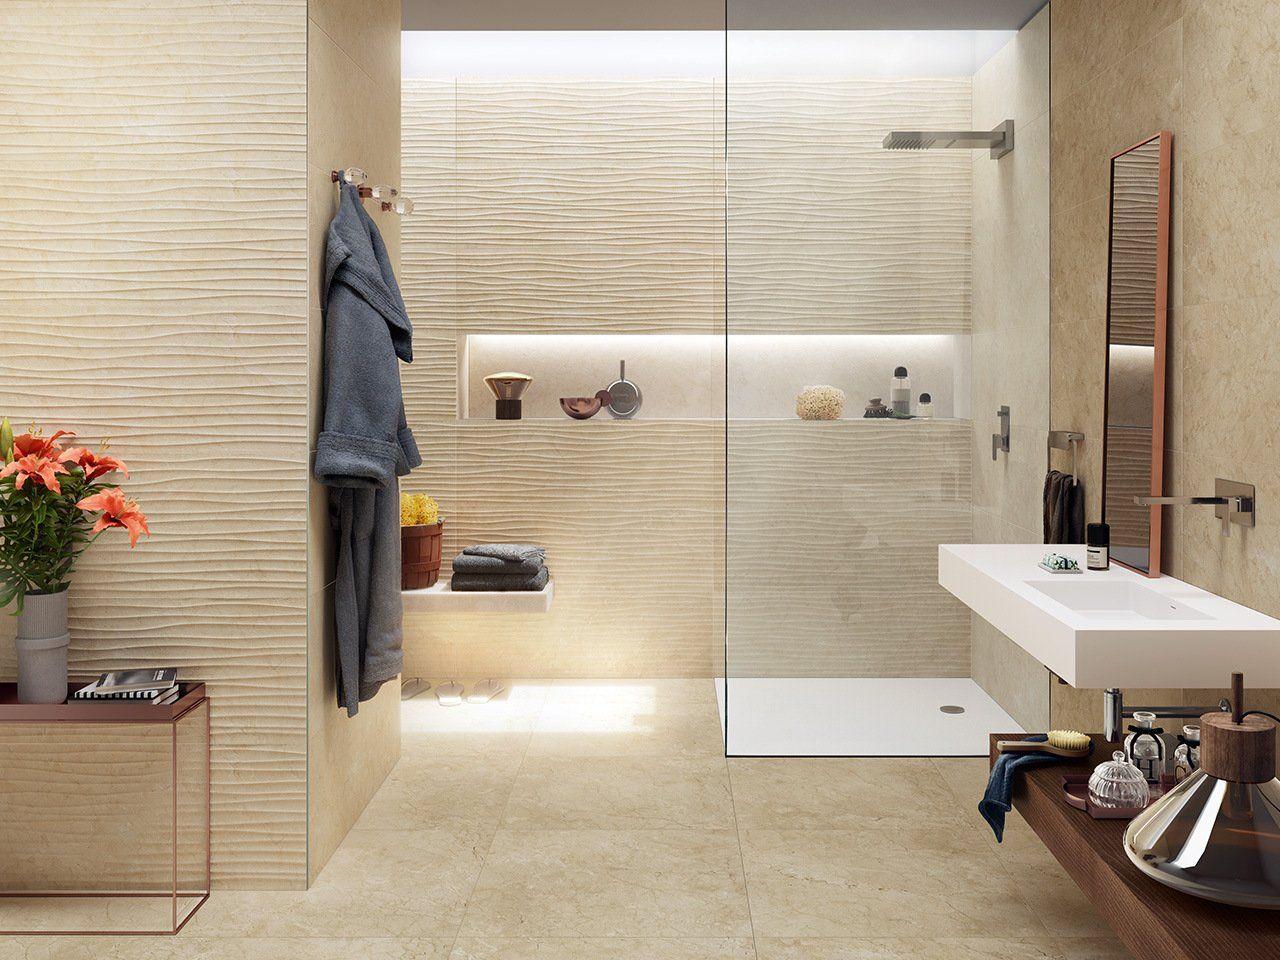 Rivestimento bagno effetto marmo vendome marfil rettificato